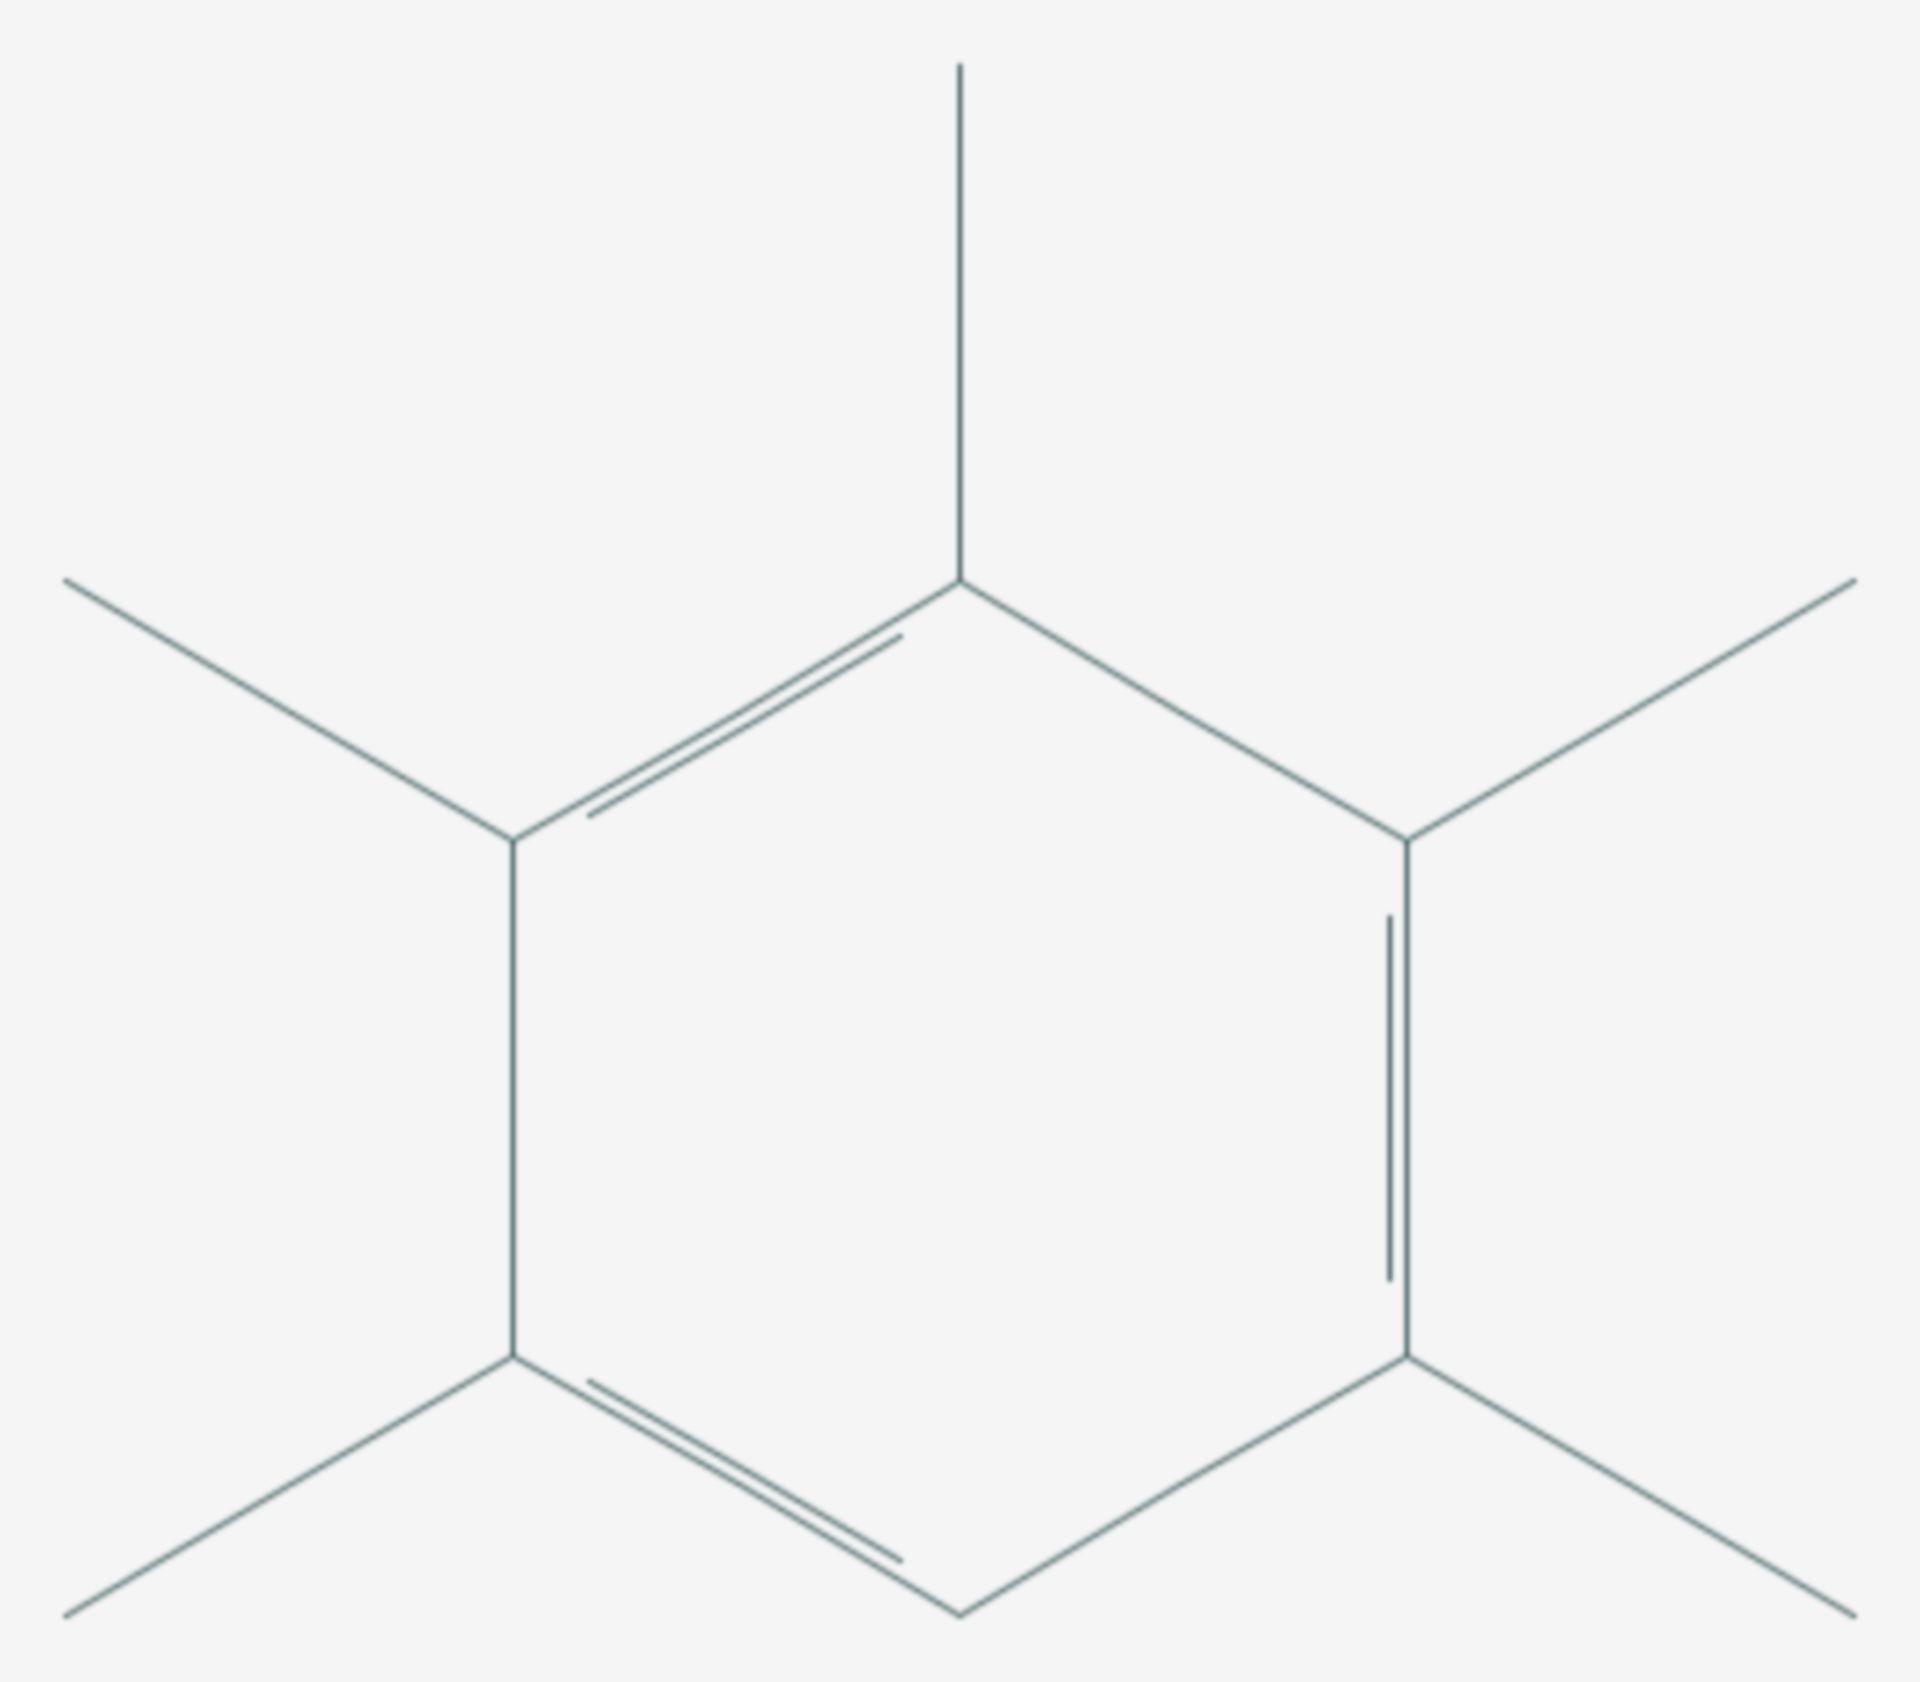 Pentamethylbenzol (Strukturformel)